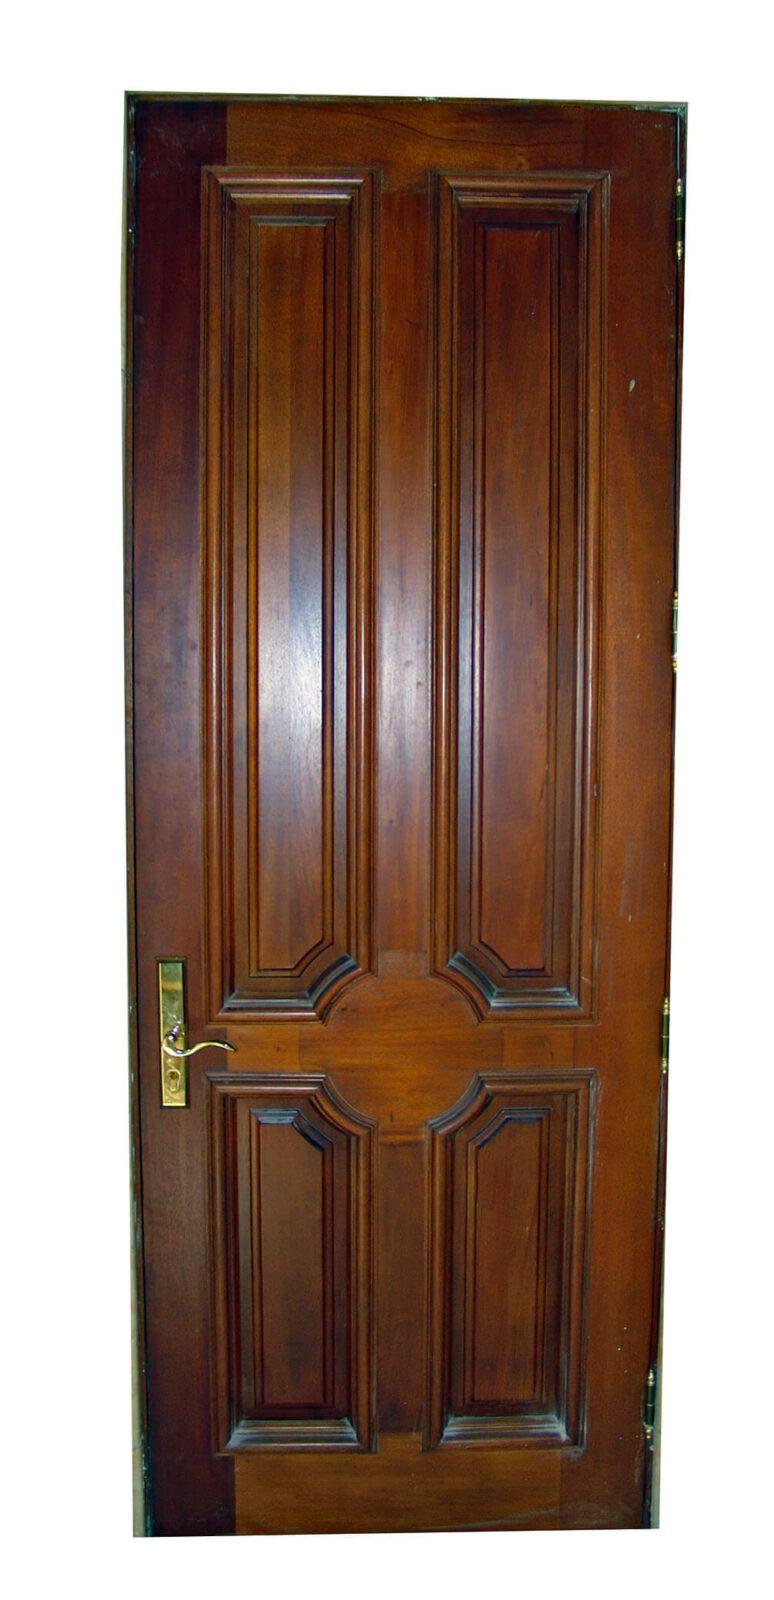 BAL HARBOUR SINGLE INTERIOR DOOR.